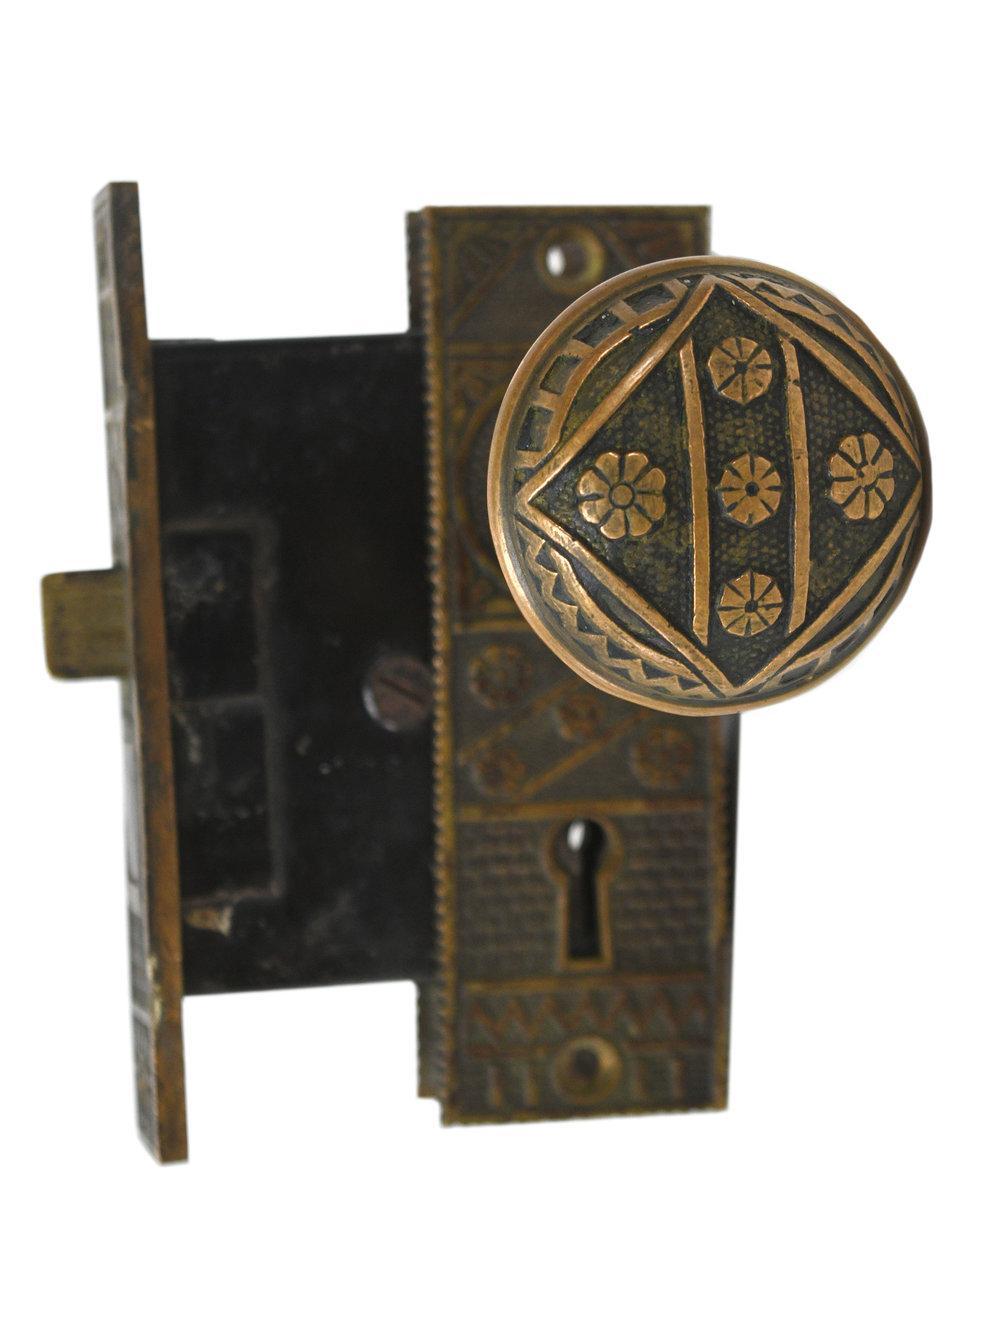 EASTLAKE DOOR HARDWARE SET AA# 22000-001   2 sets available $295.00 each set